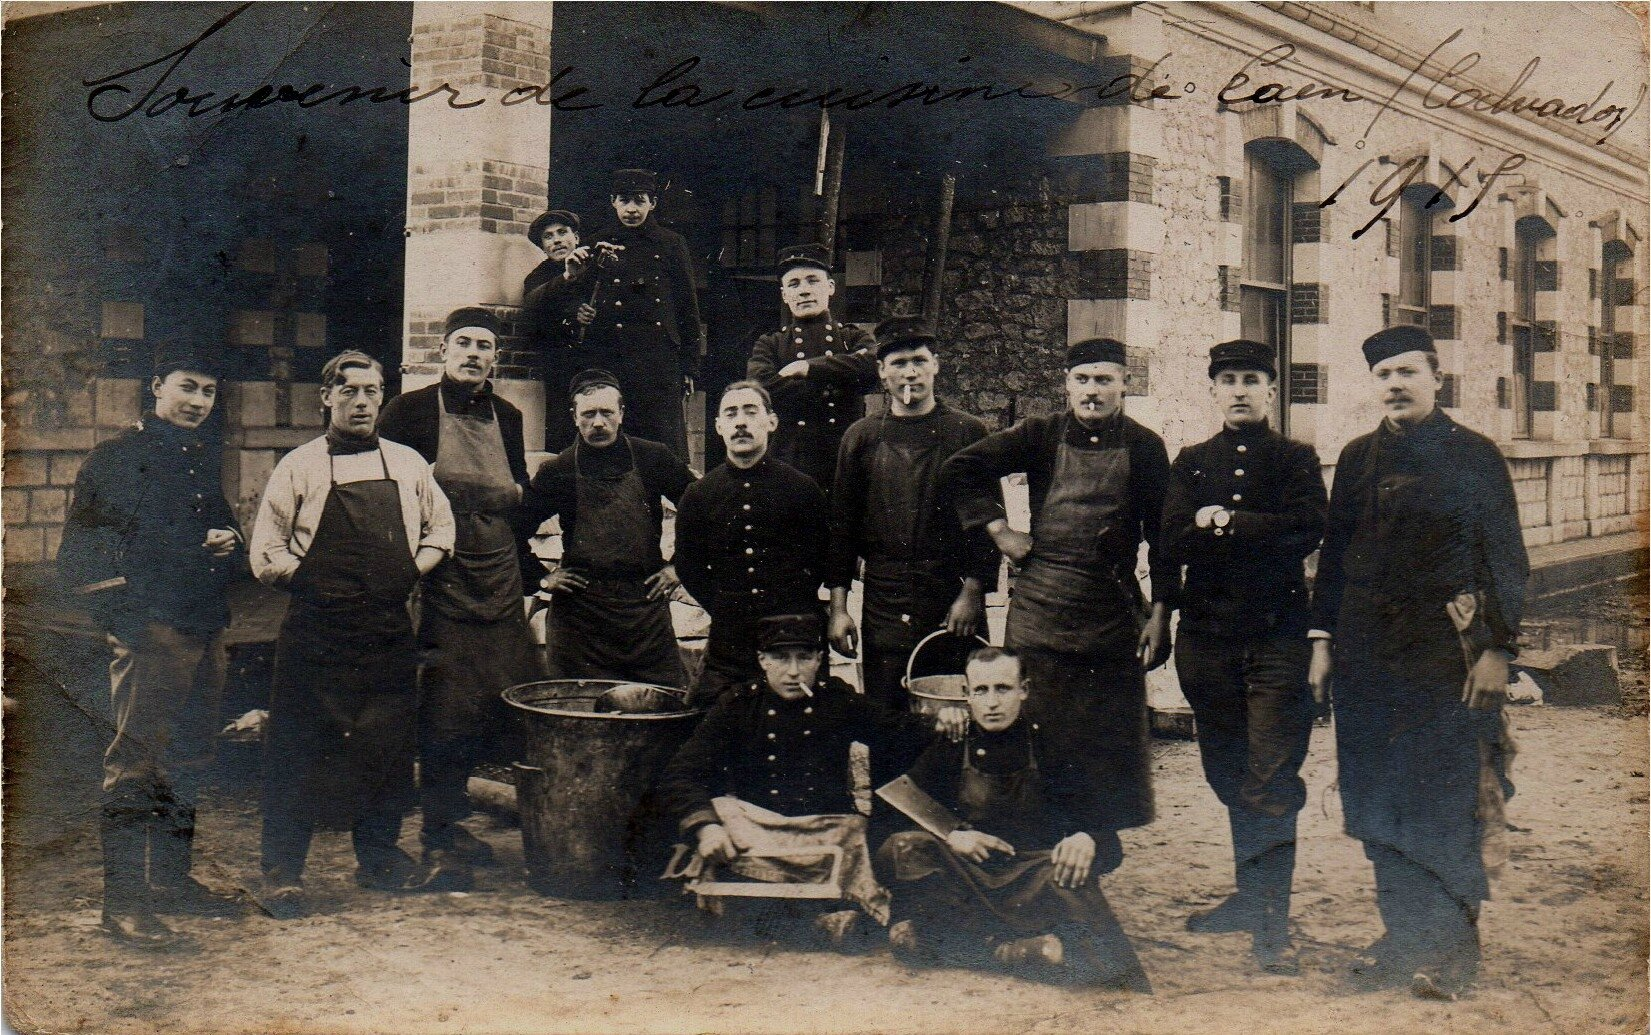 06 Caen, Quartier Claude Decaen, les cuisines, 1915